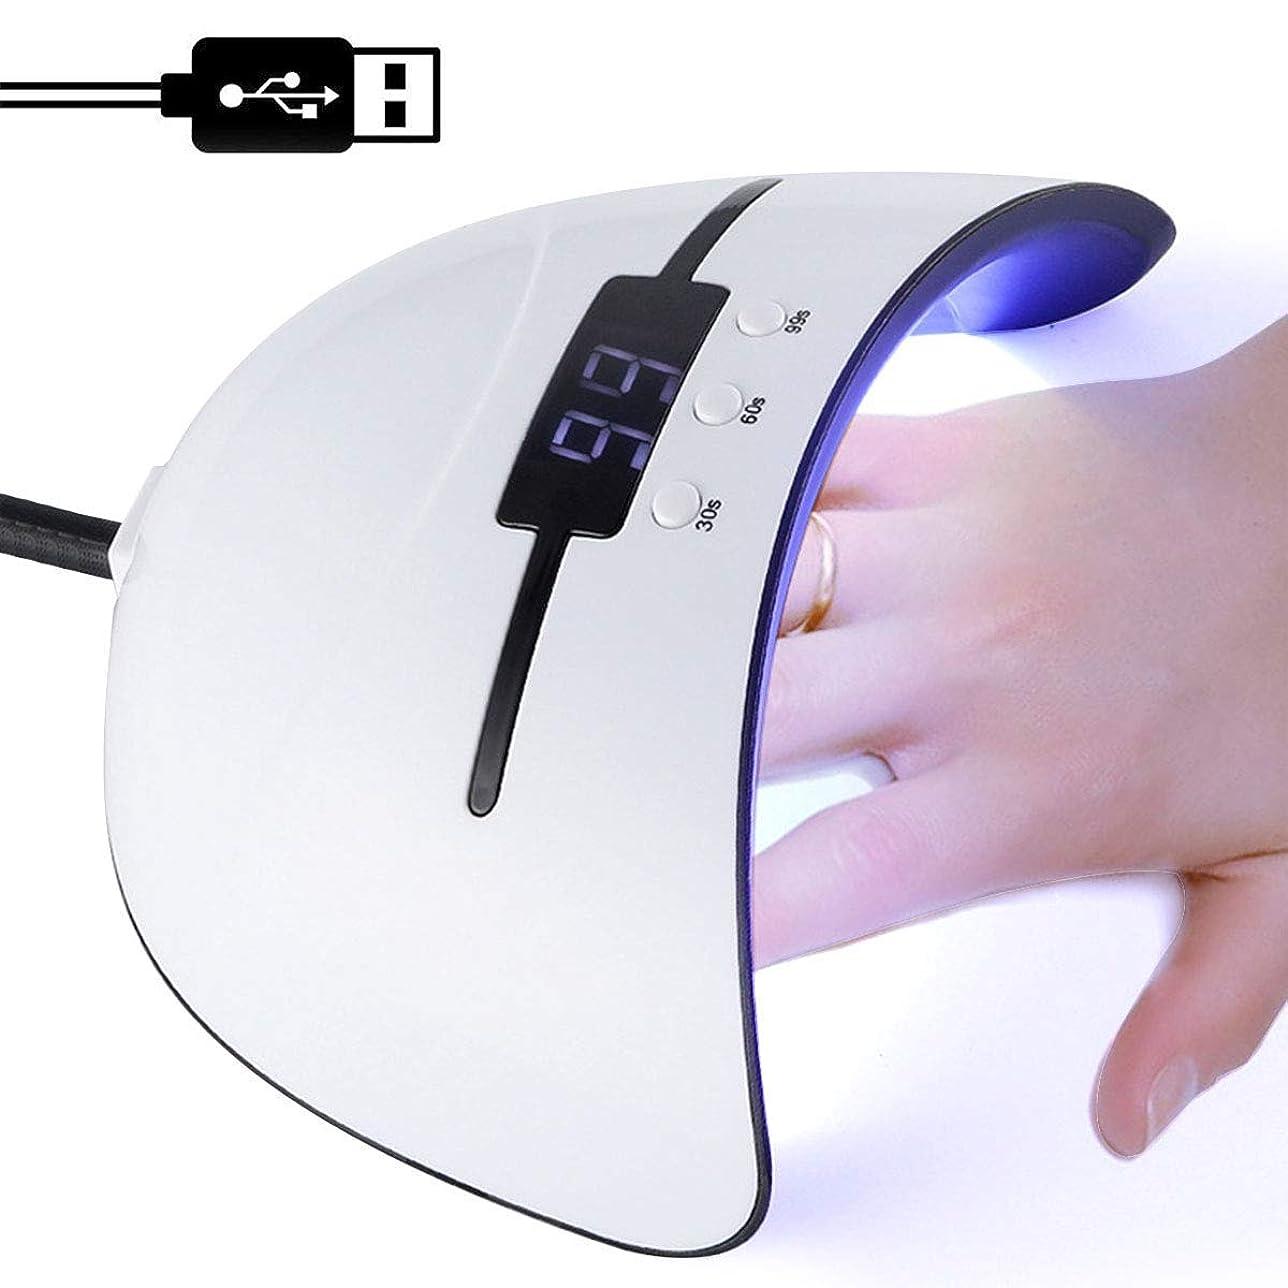 弁護人環境に優しいスポーツネイルドライヤー 硬化用ライト 36w 美肌搭載 爪の薄い女性でも安心 液晶モニター センサーが感知 全ジェル対応 LED UV ネイルライト